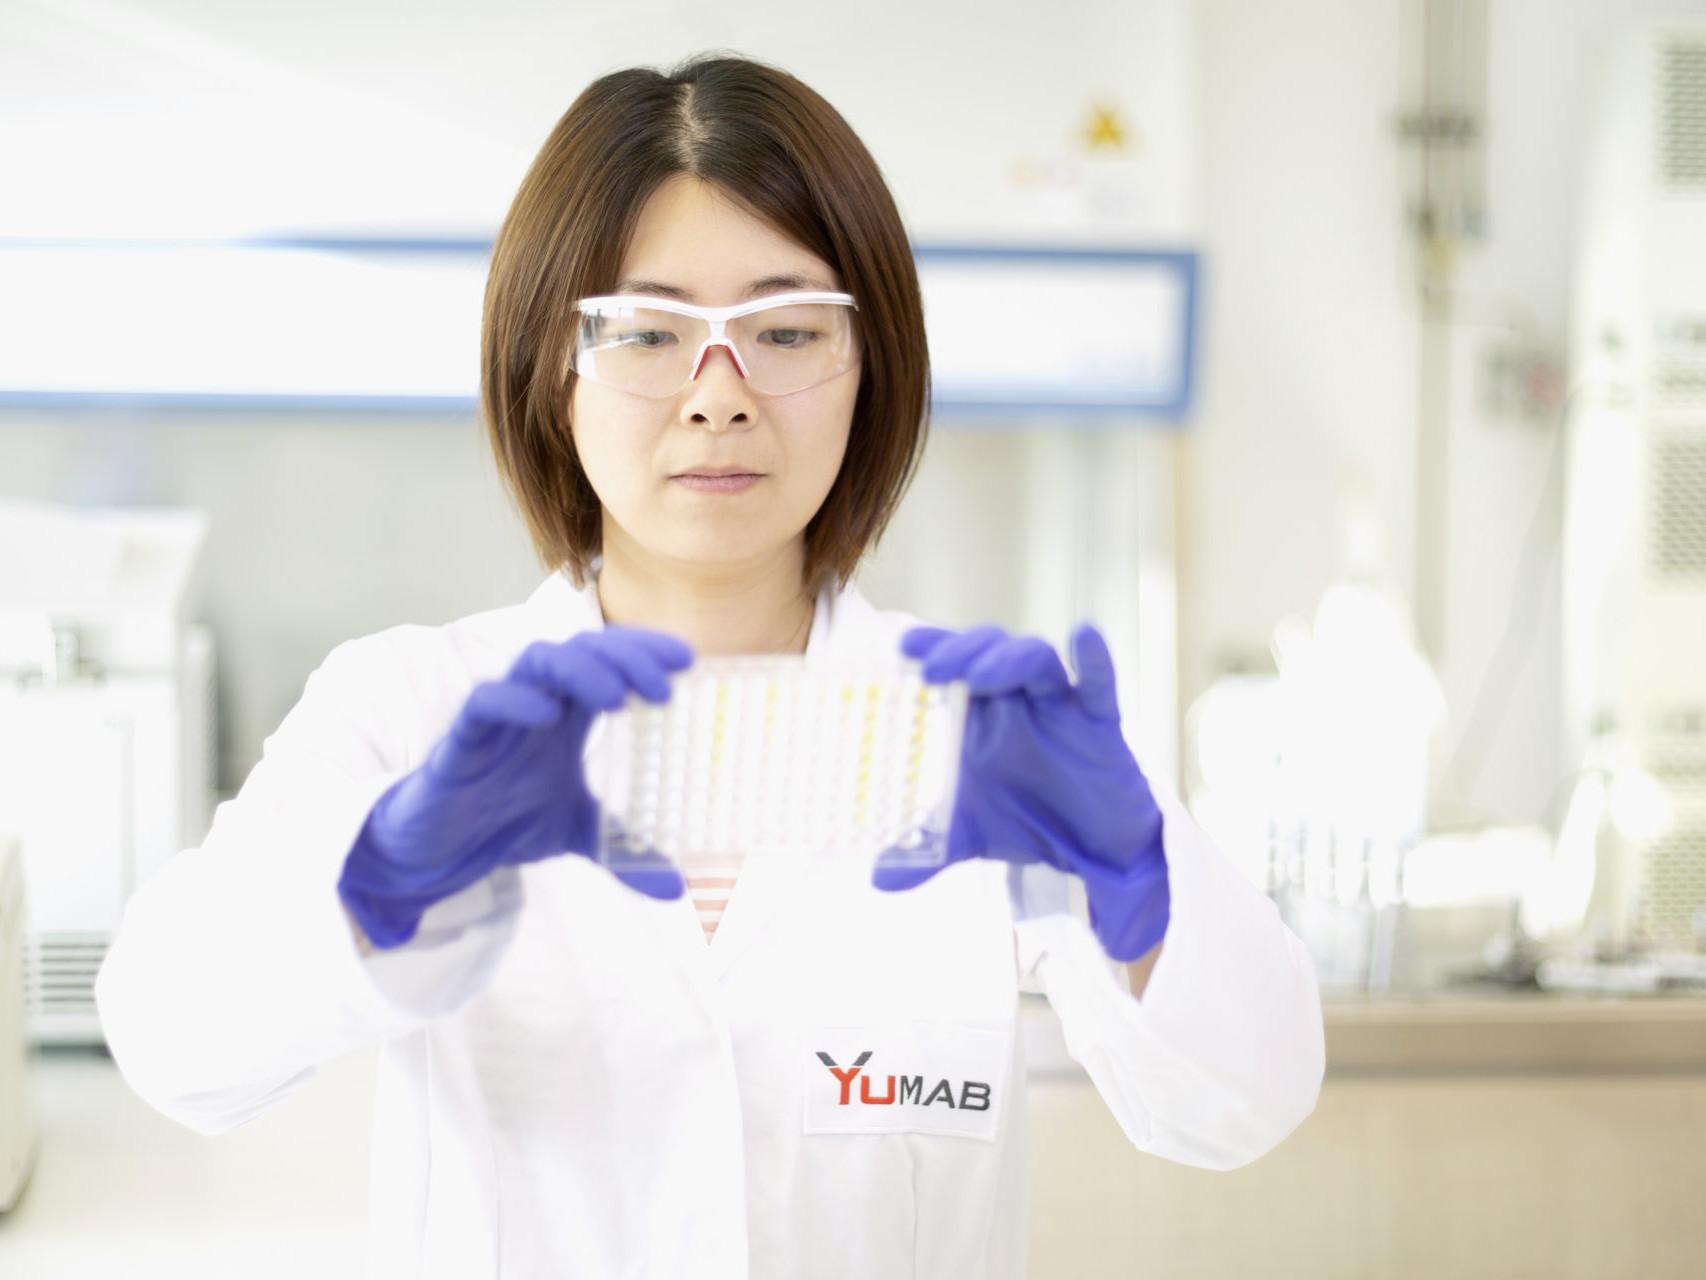 YUMAB-Mitarbeiterin im Labor.